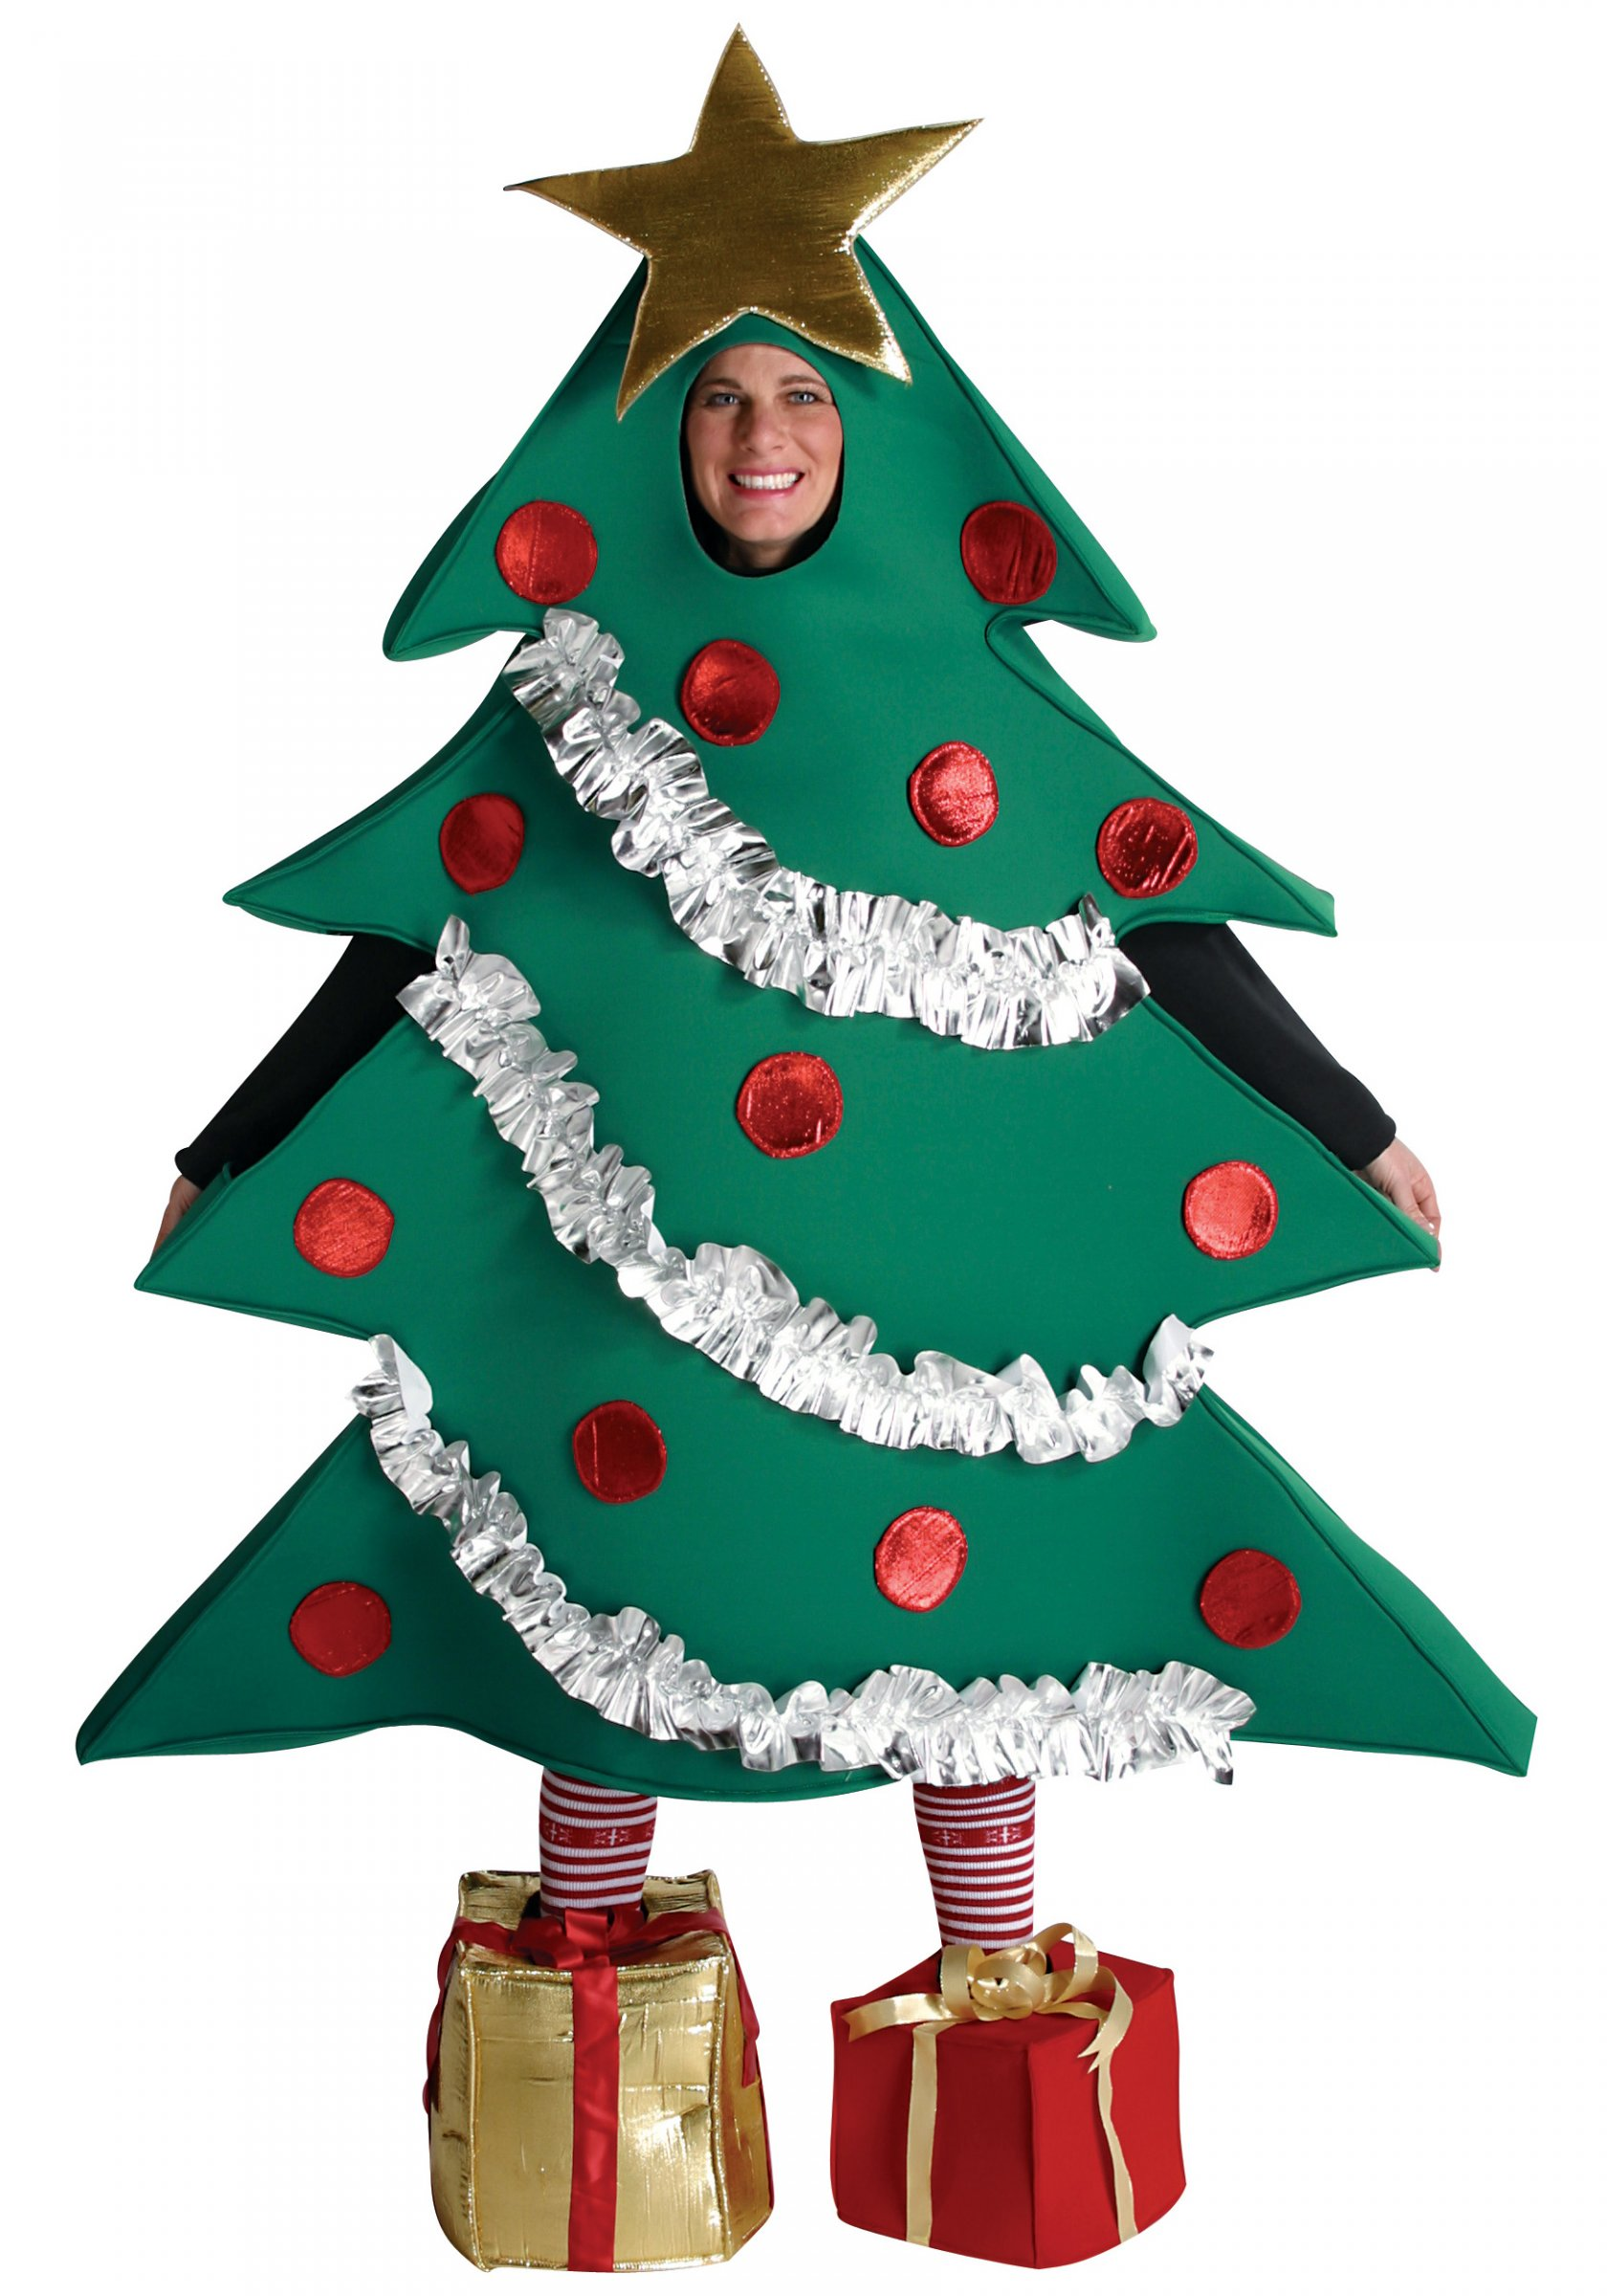 aefd8bde90 Costume albero di Natale per adulto su VegaooParty, negozio di ...